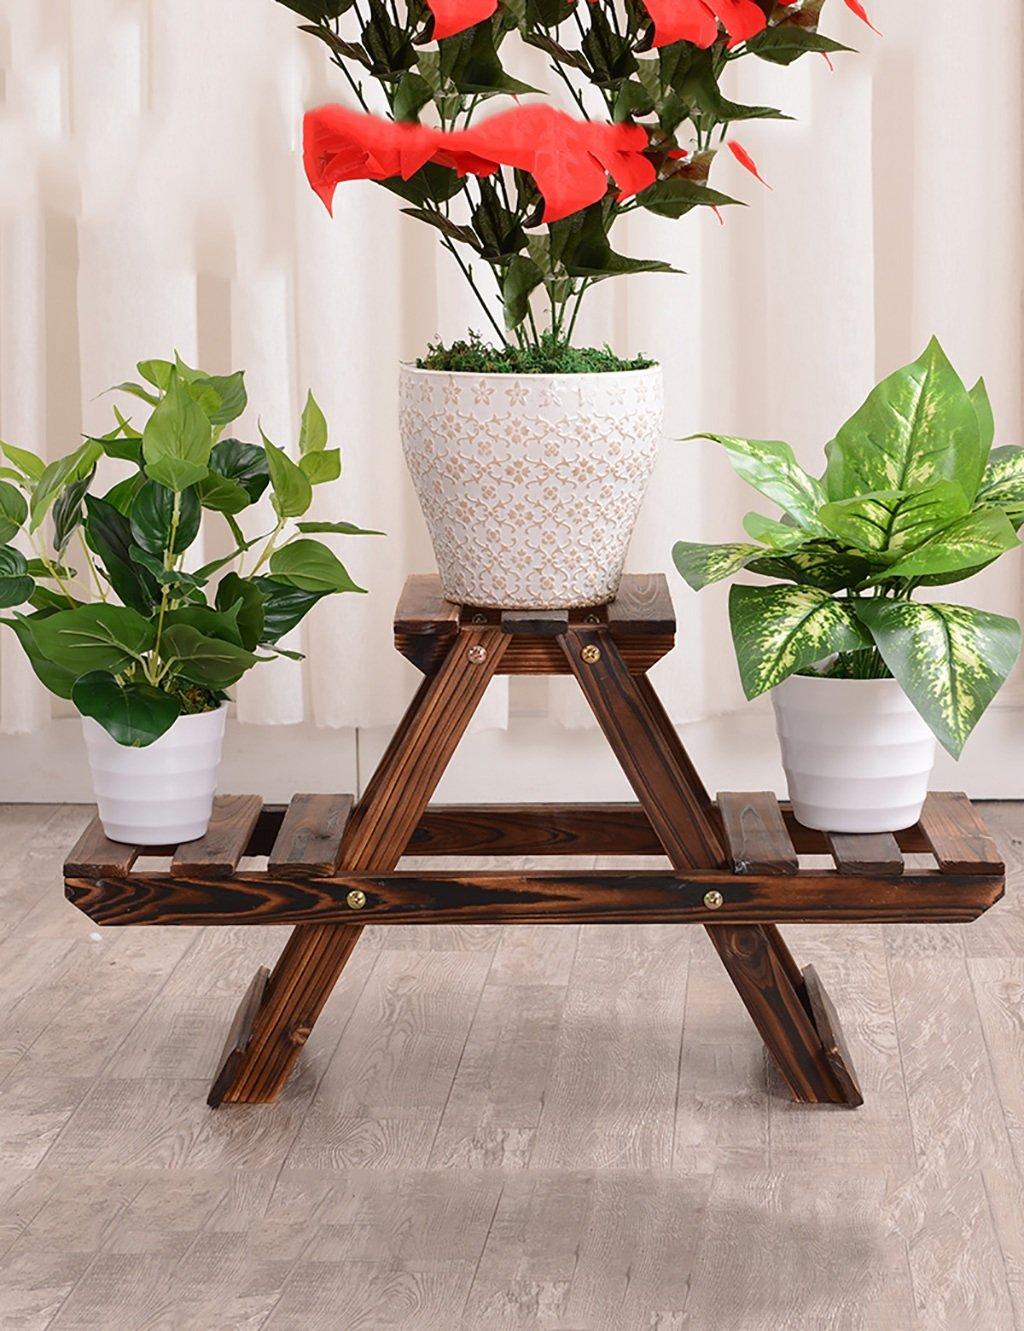 LB Kreative Massivholz Die Zweite Etage Boden Typ Bonsai Blumenregal Balkon  Wohnzimmer Innen Holz Blumenregal Montage Blumentopf Regal ( Farbe : A )  Günstig